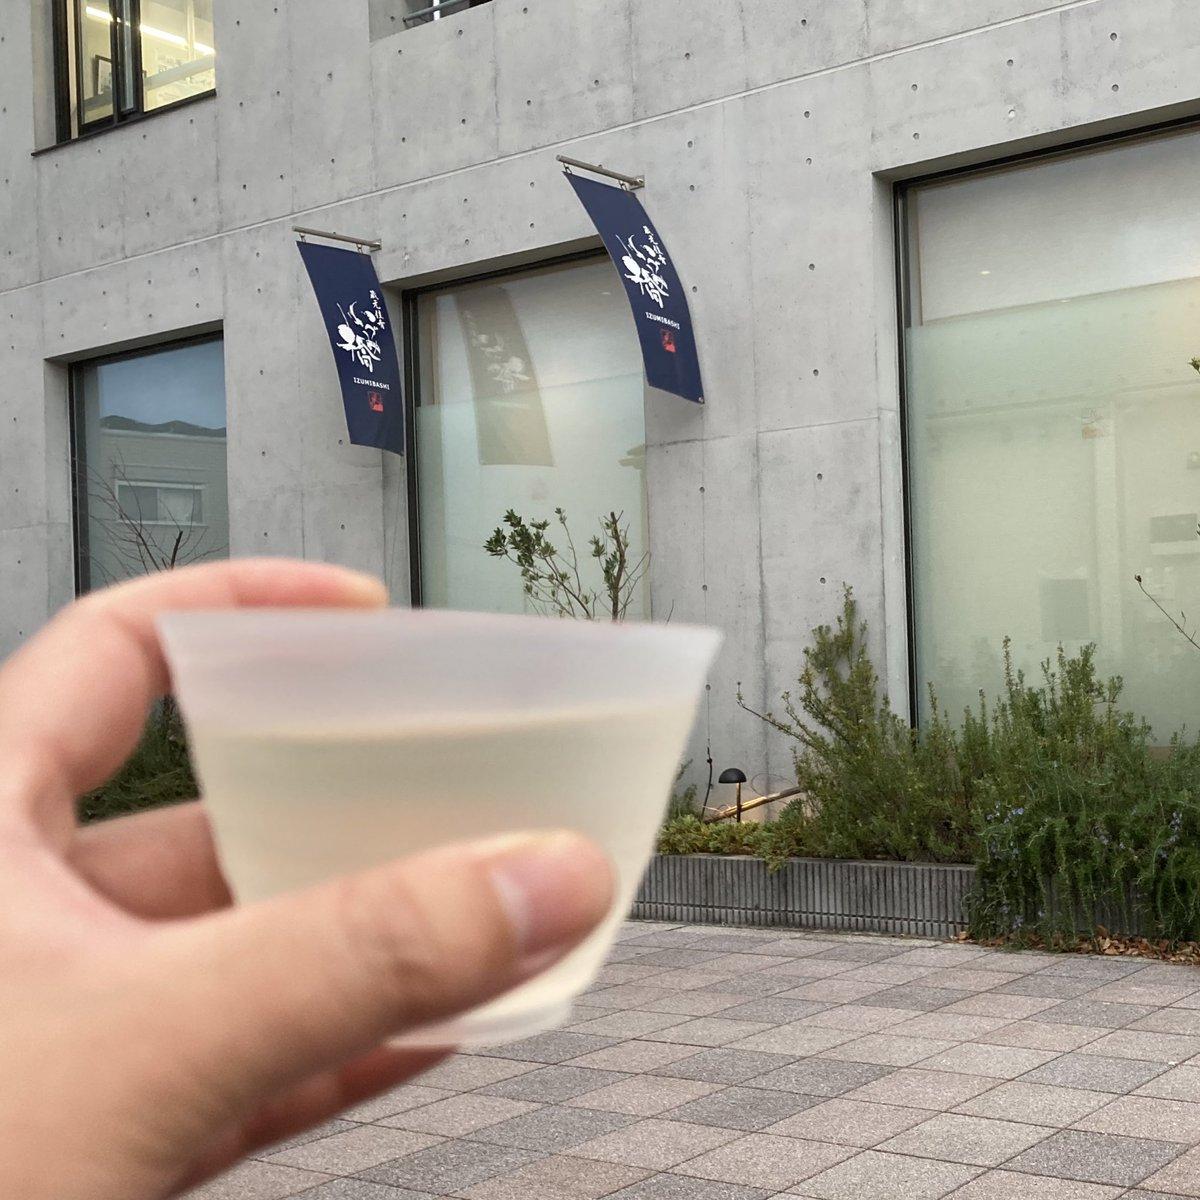 test ツイッターメディア - 海老名駅前で開催されていたおでんナイト、初参加でしたが最高でした😍🍢🍶  泉橋酒造さんの新酒とおでんが合う合う👍❤  3枚目のAffinityさんの牛スジとふやけ竹輪のジンジャーおでんがめちゃめちゃ美味しくてオカワリしたかった〜😆🍢  #ODENNIGHT https://t.co/niIuADyZOR